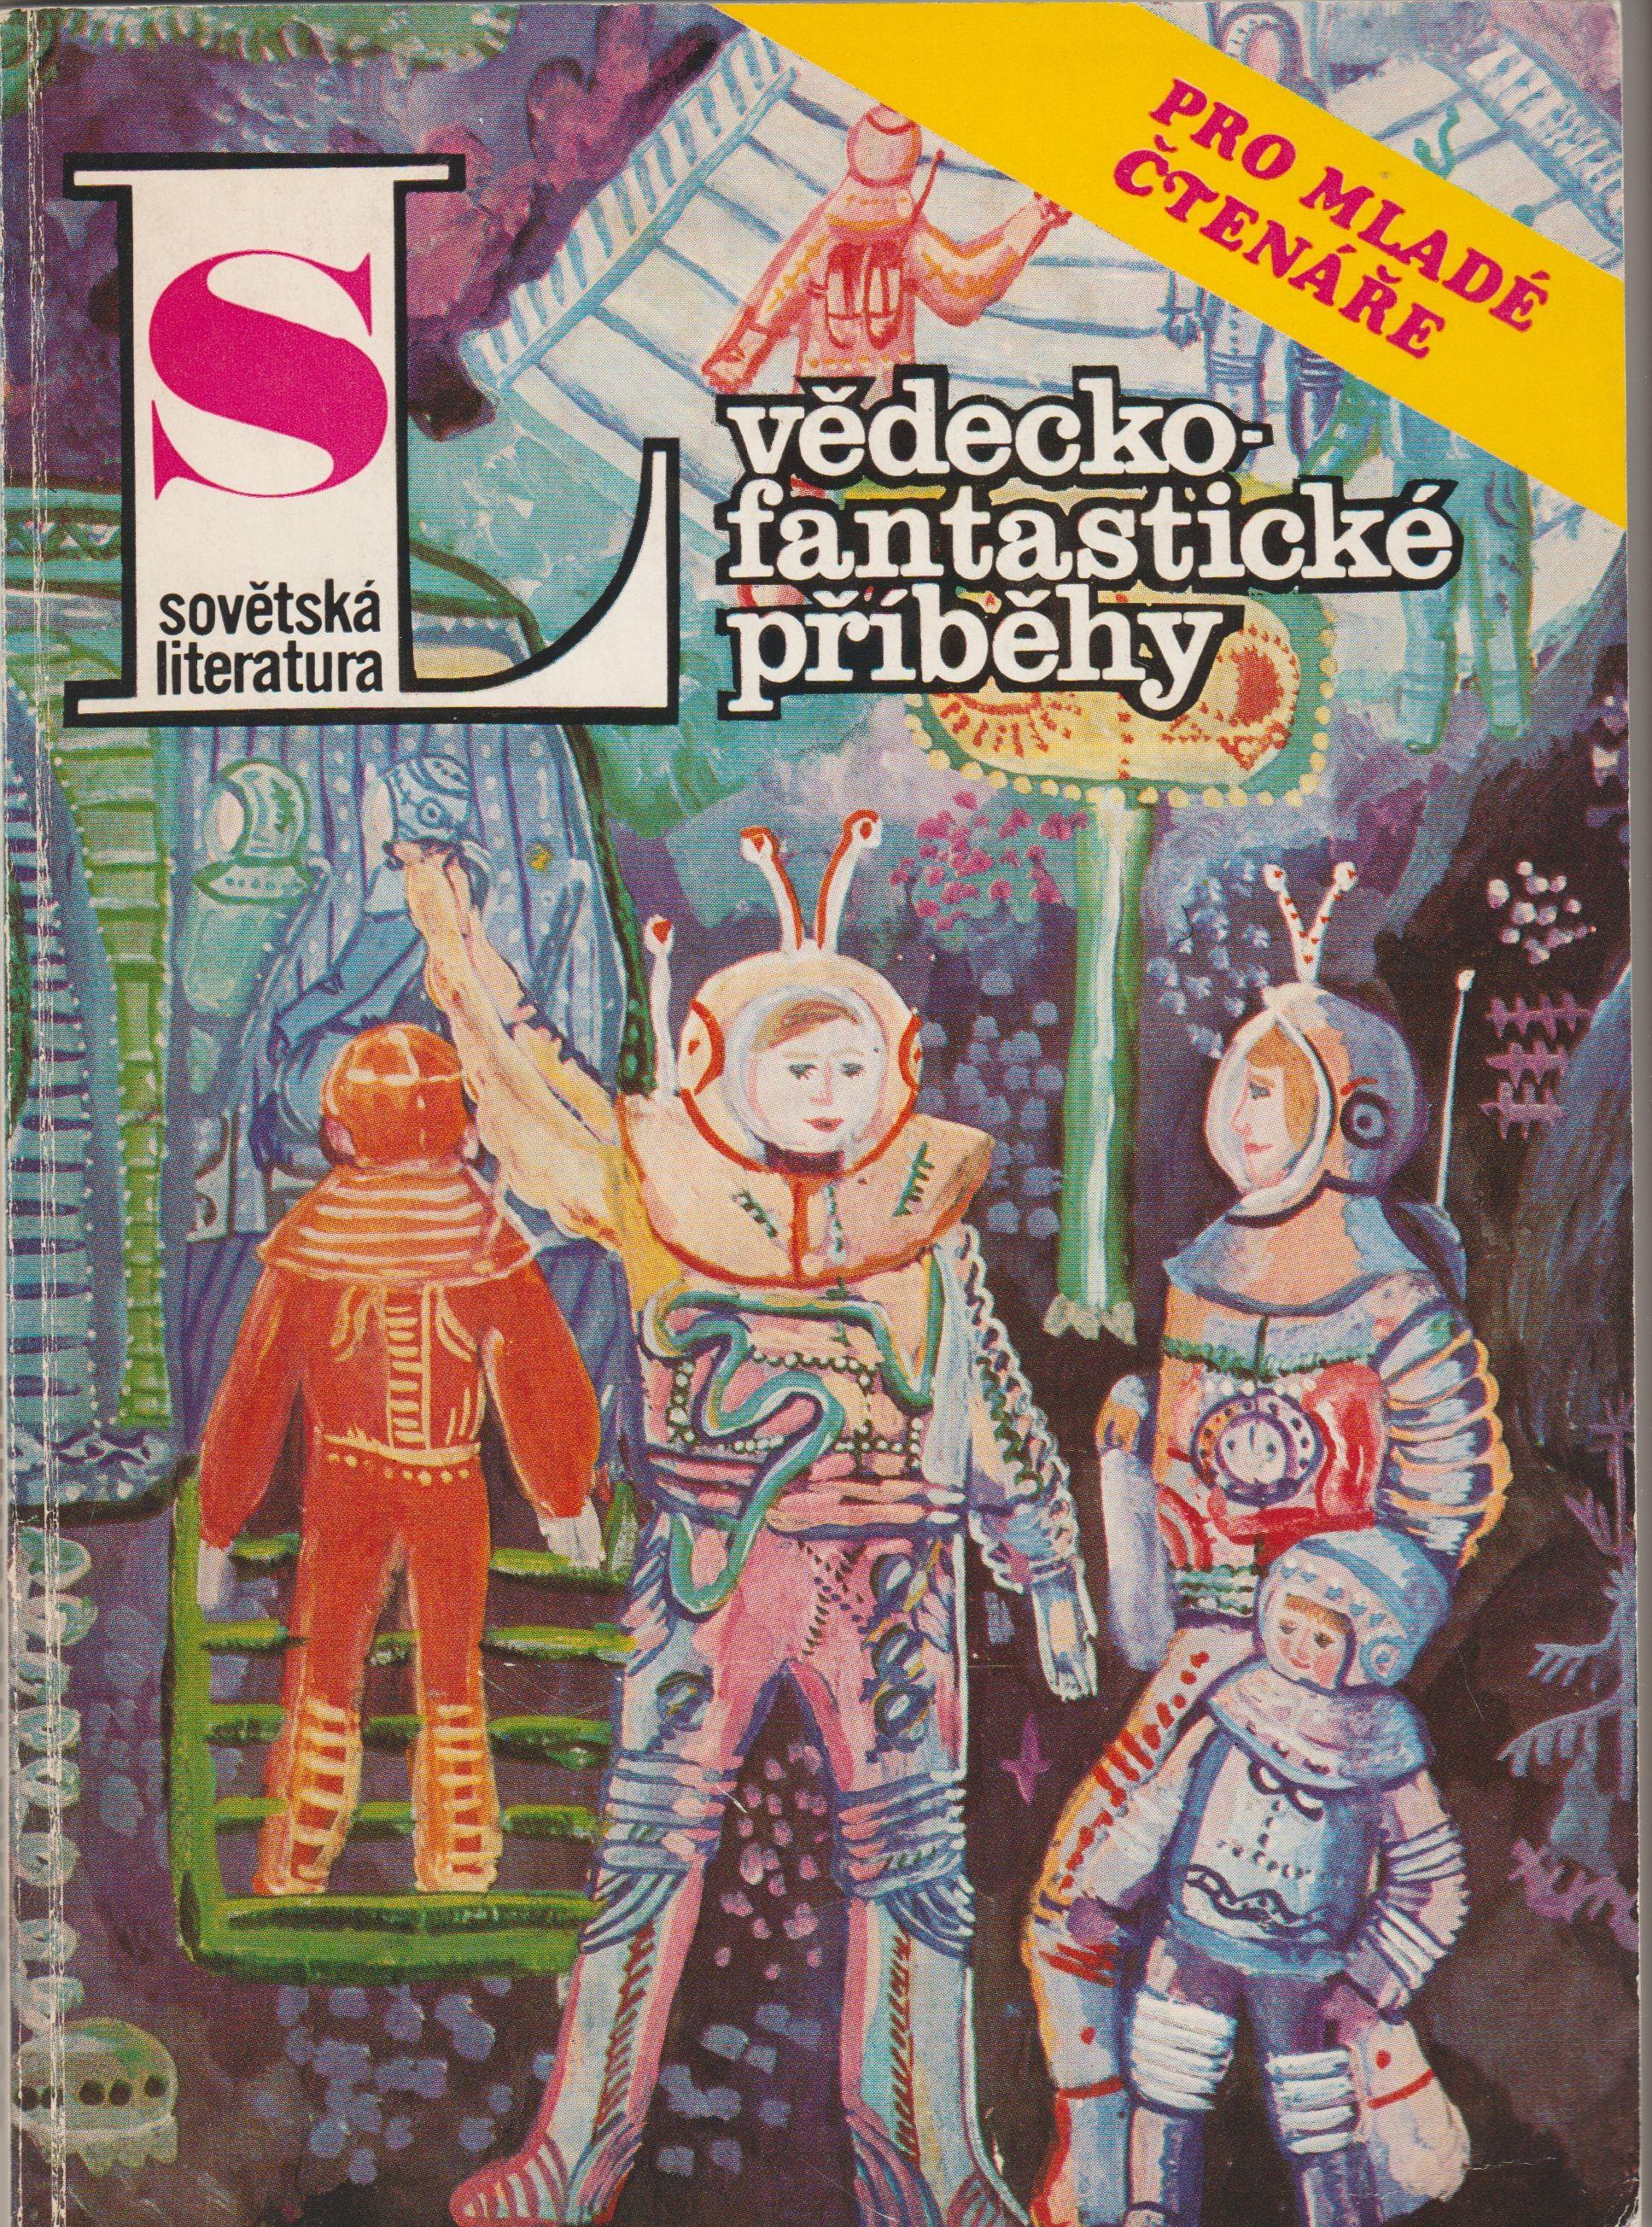 Sovětská literatura 1986 - vědecko-fantastické příběhy